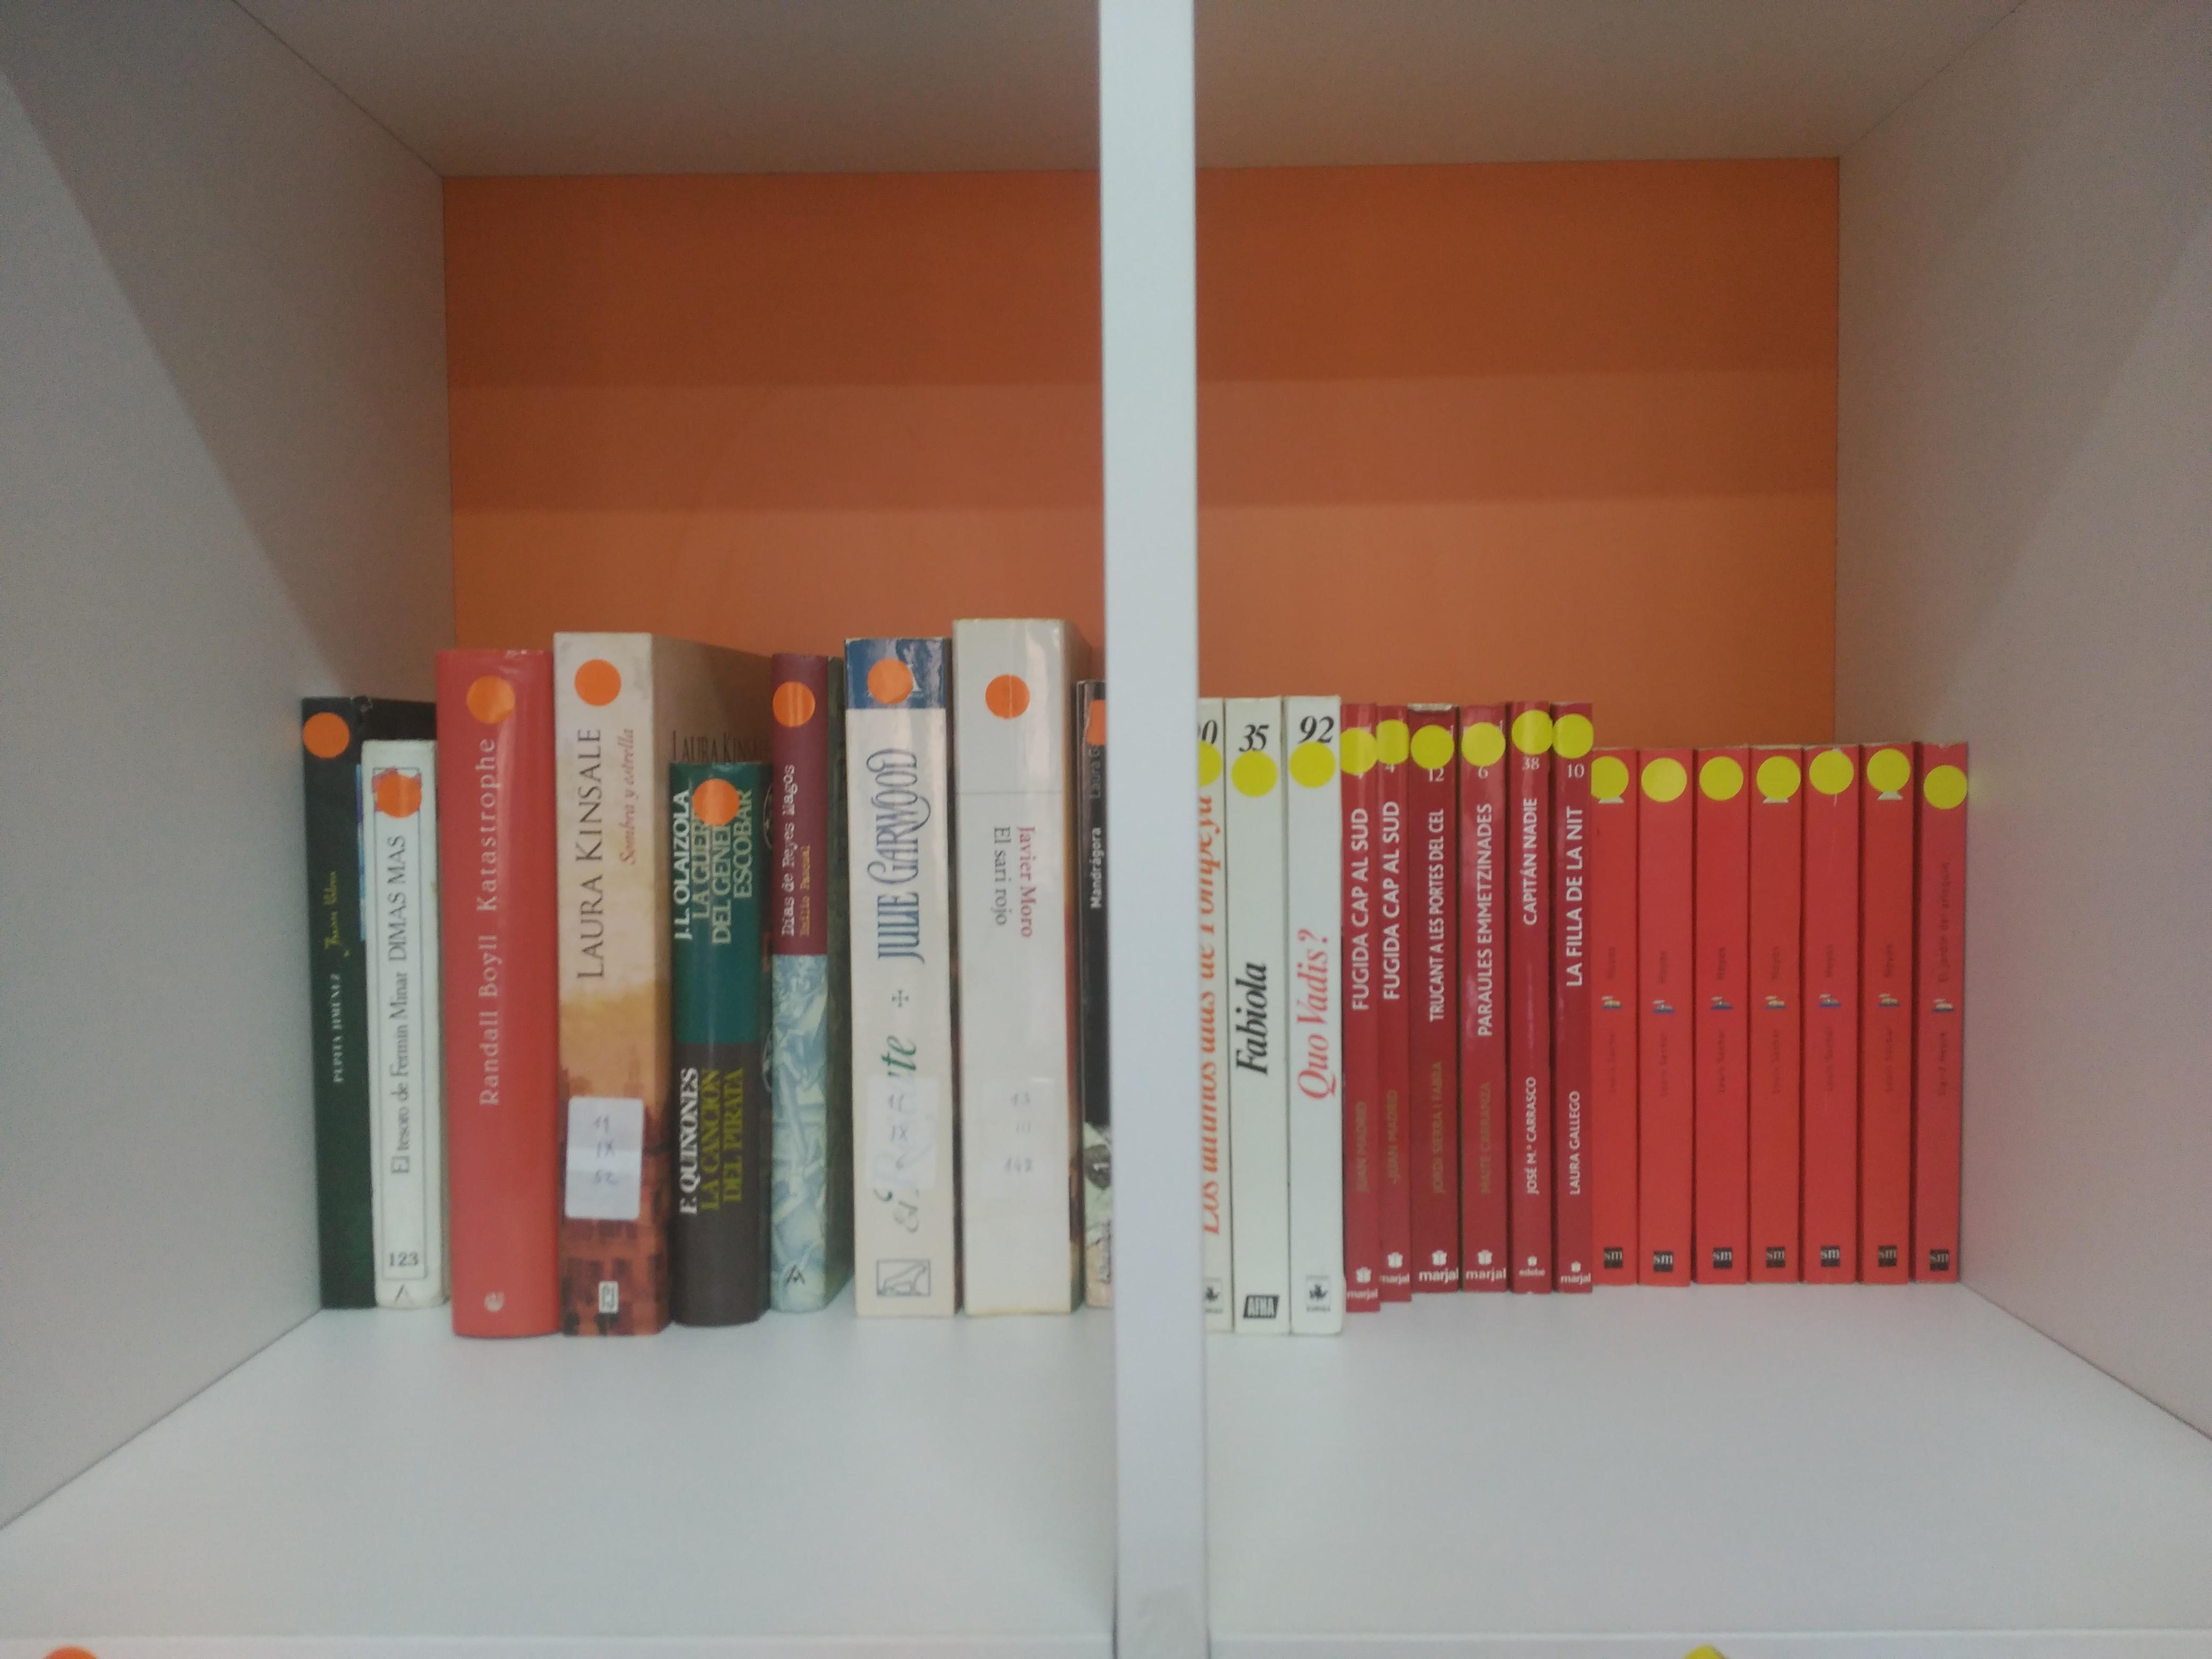 Campaña de donación de libros sala Ágora